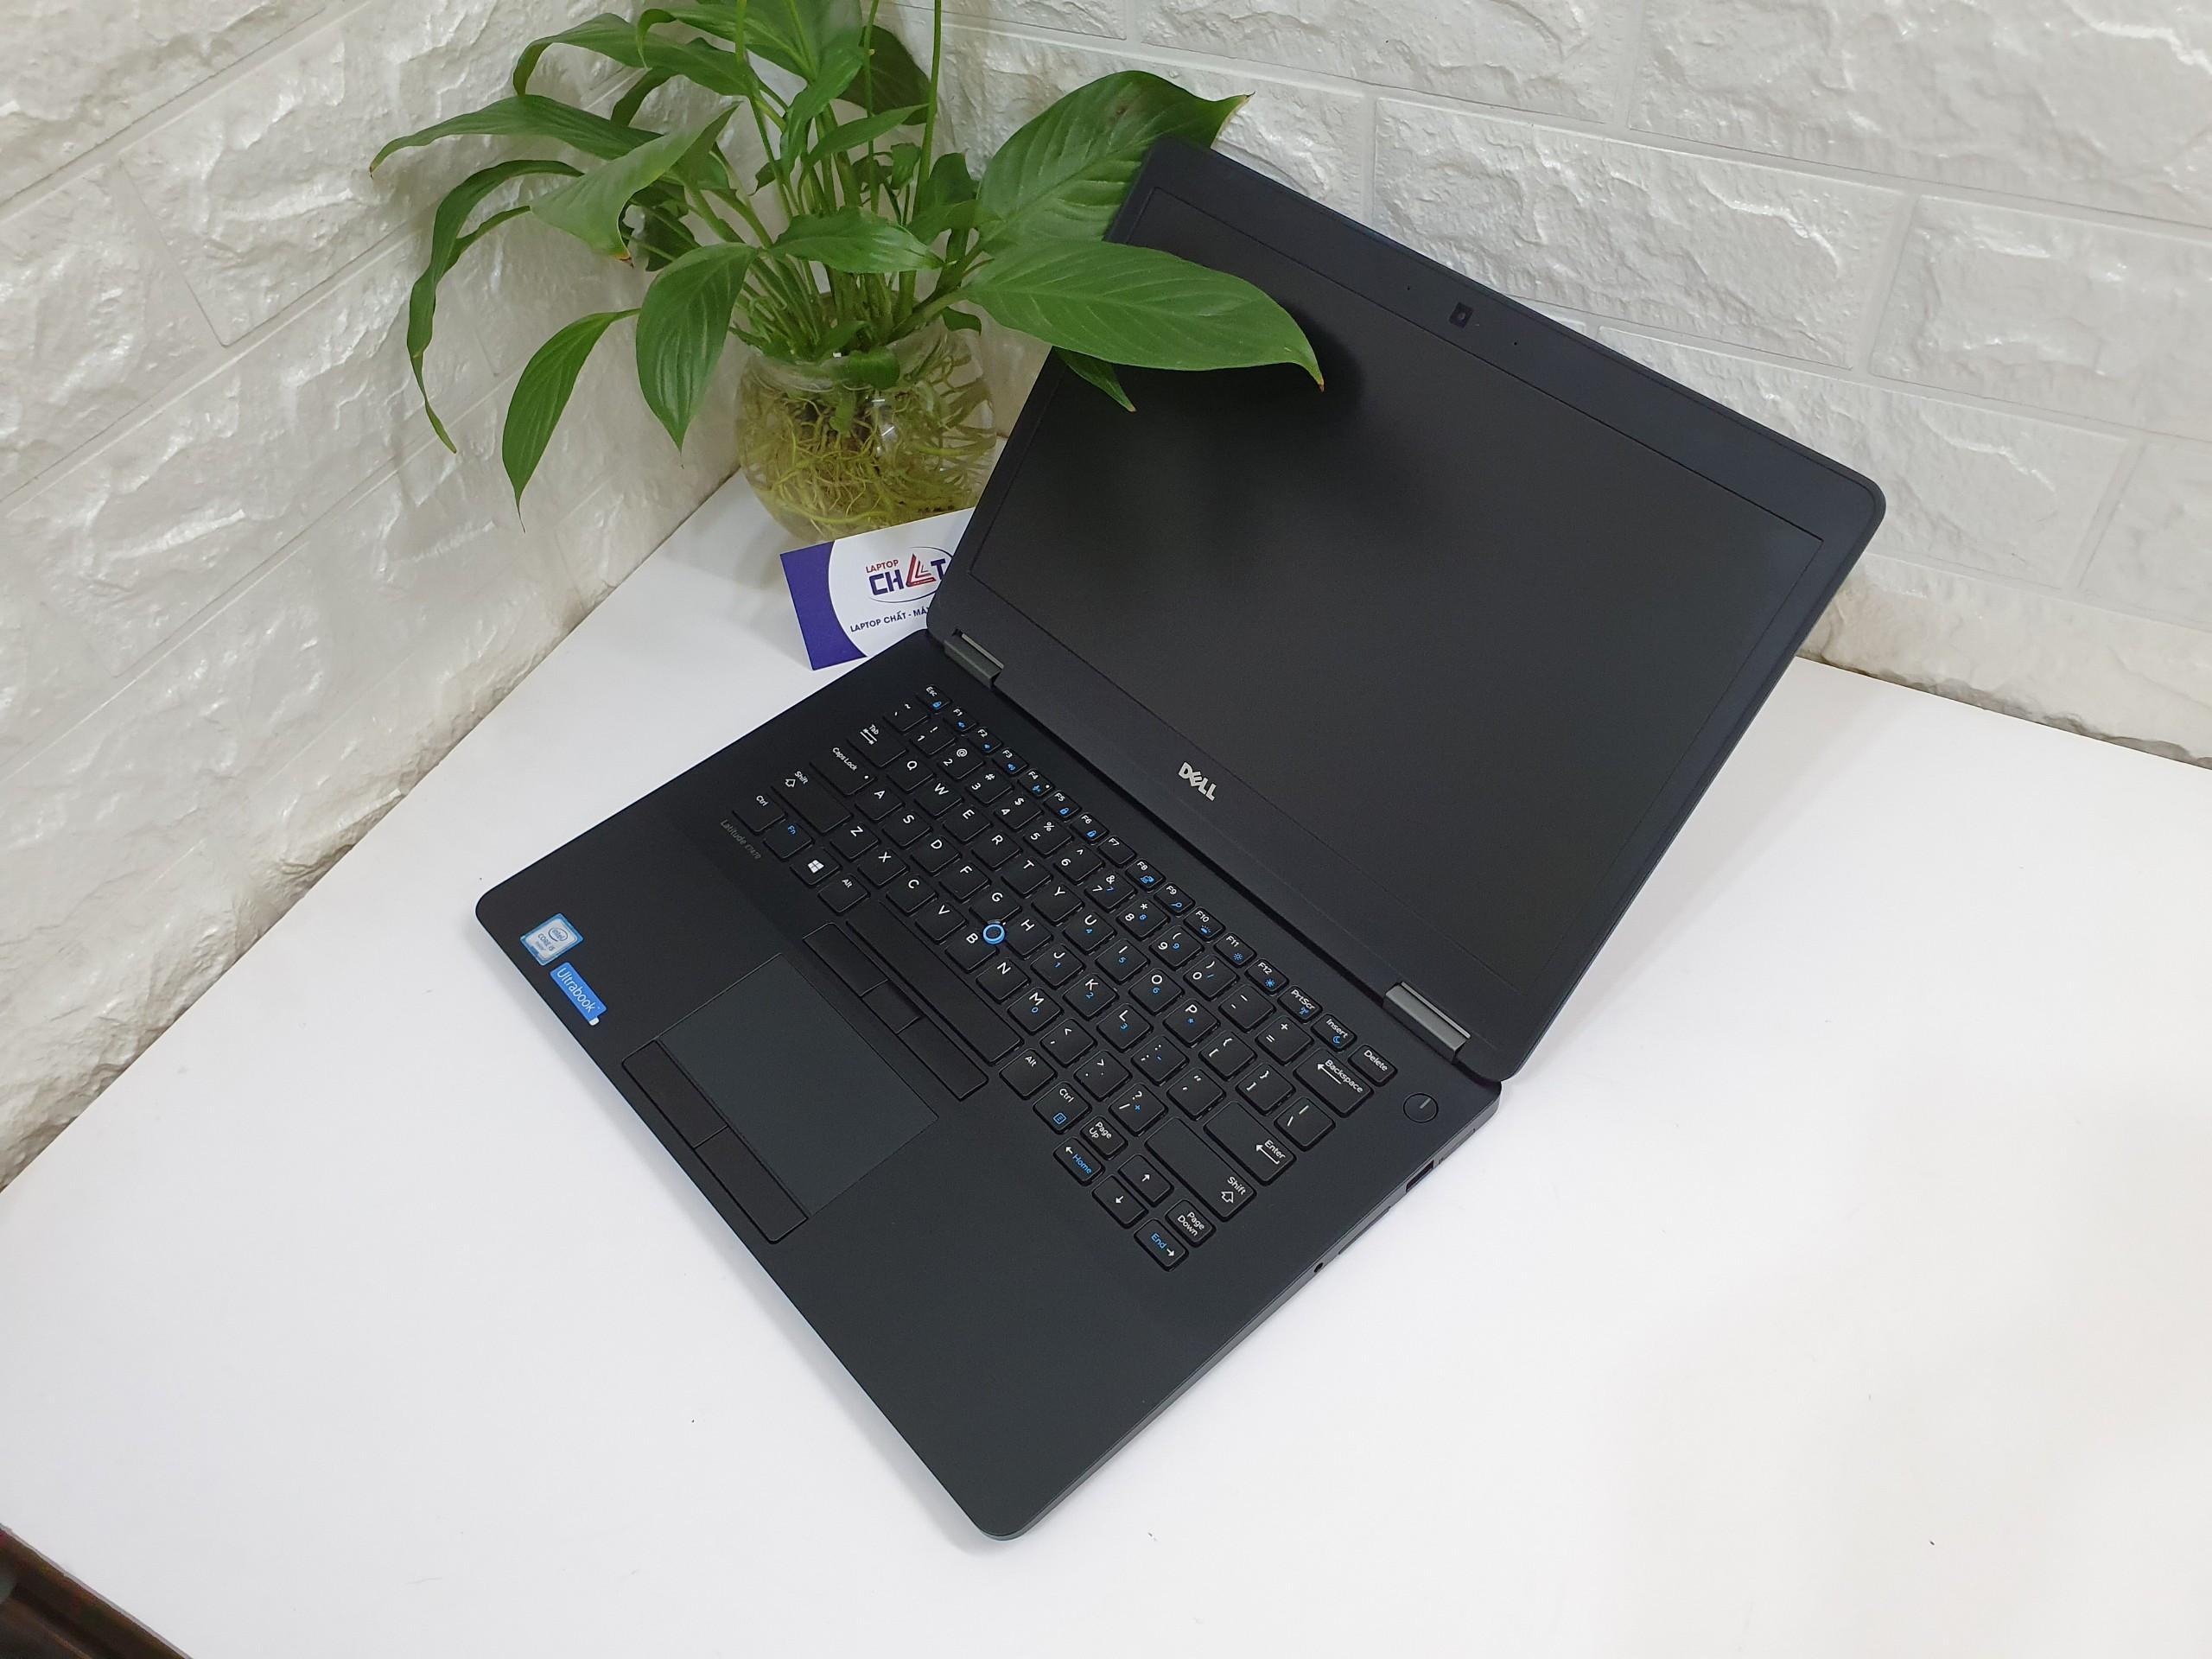 Dell-Latitude-E7470-2